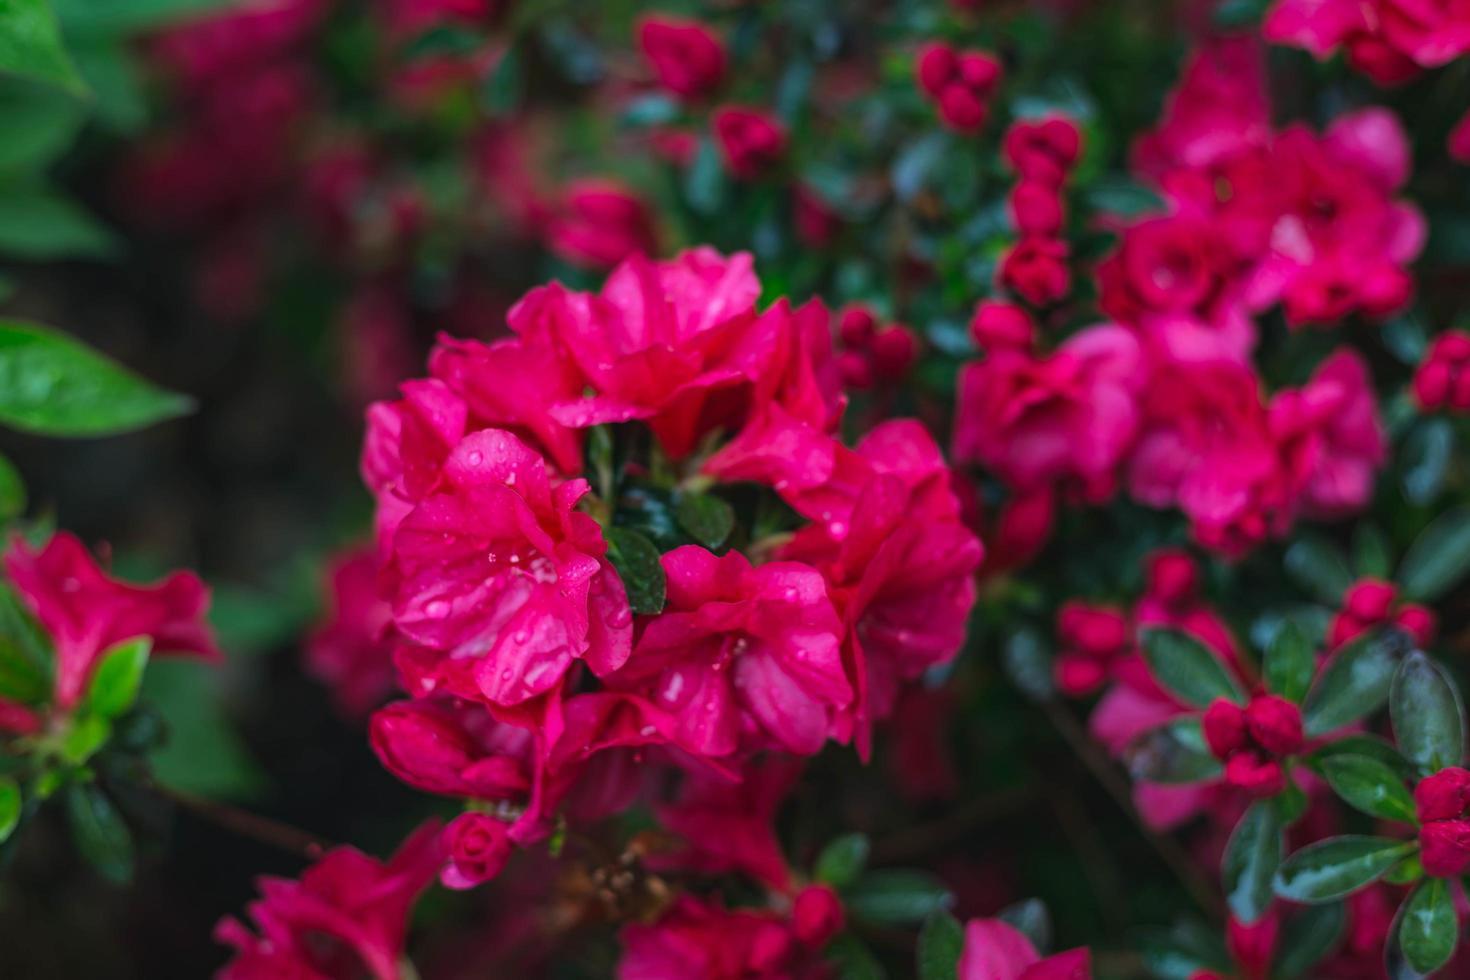 gros plan de fleurs rouge vif photo